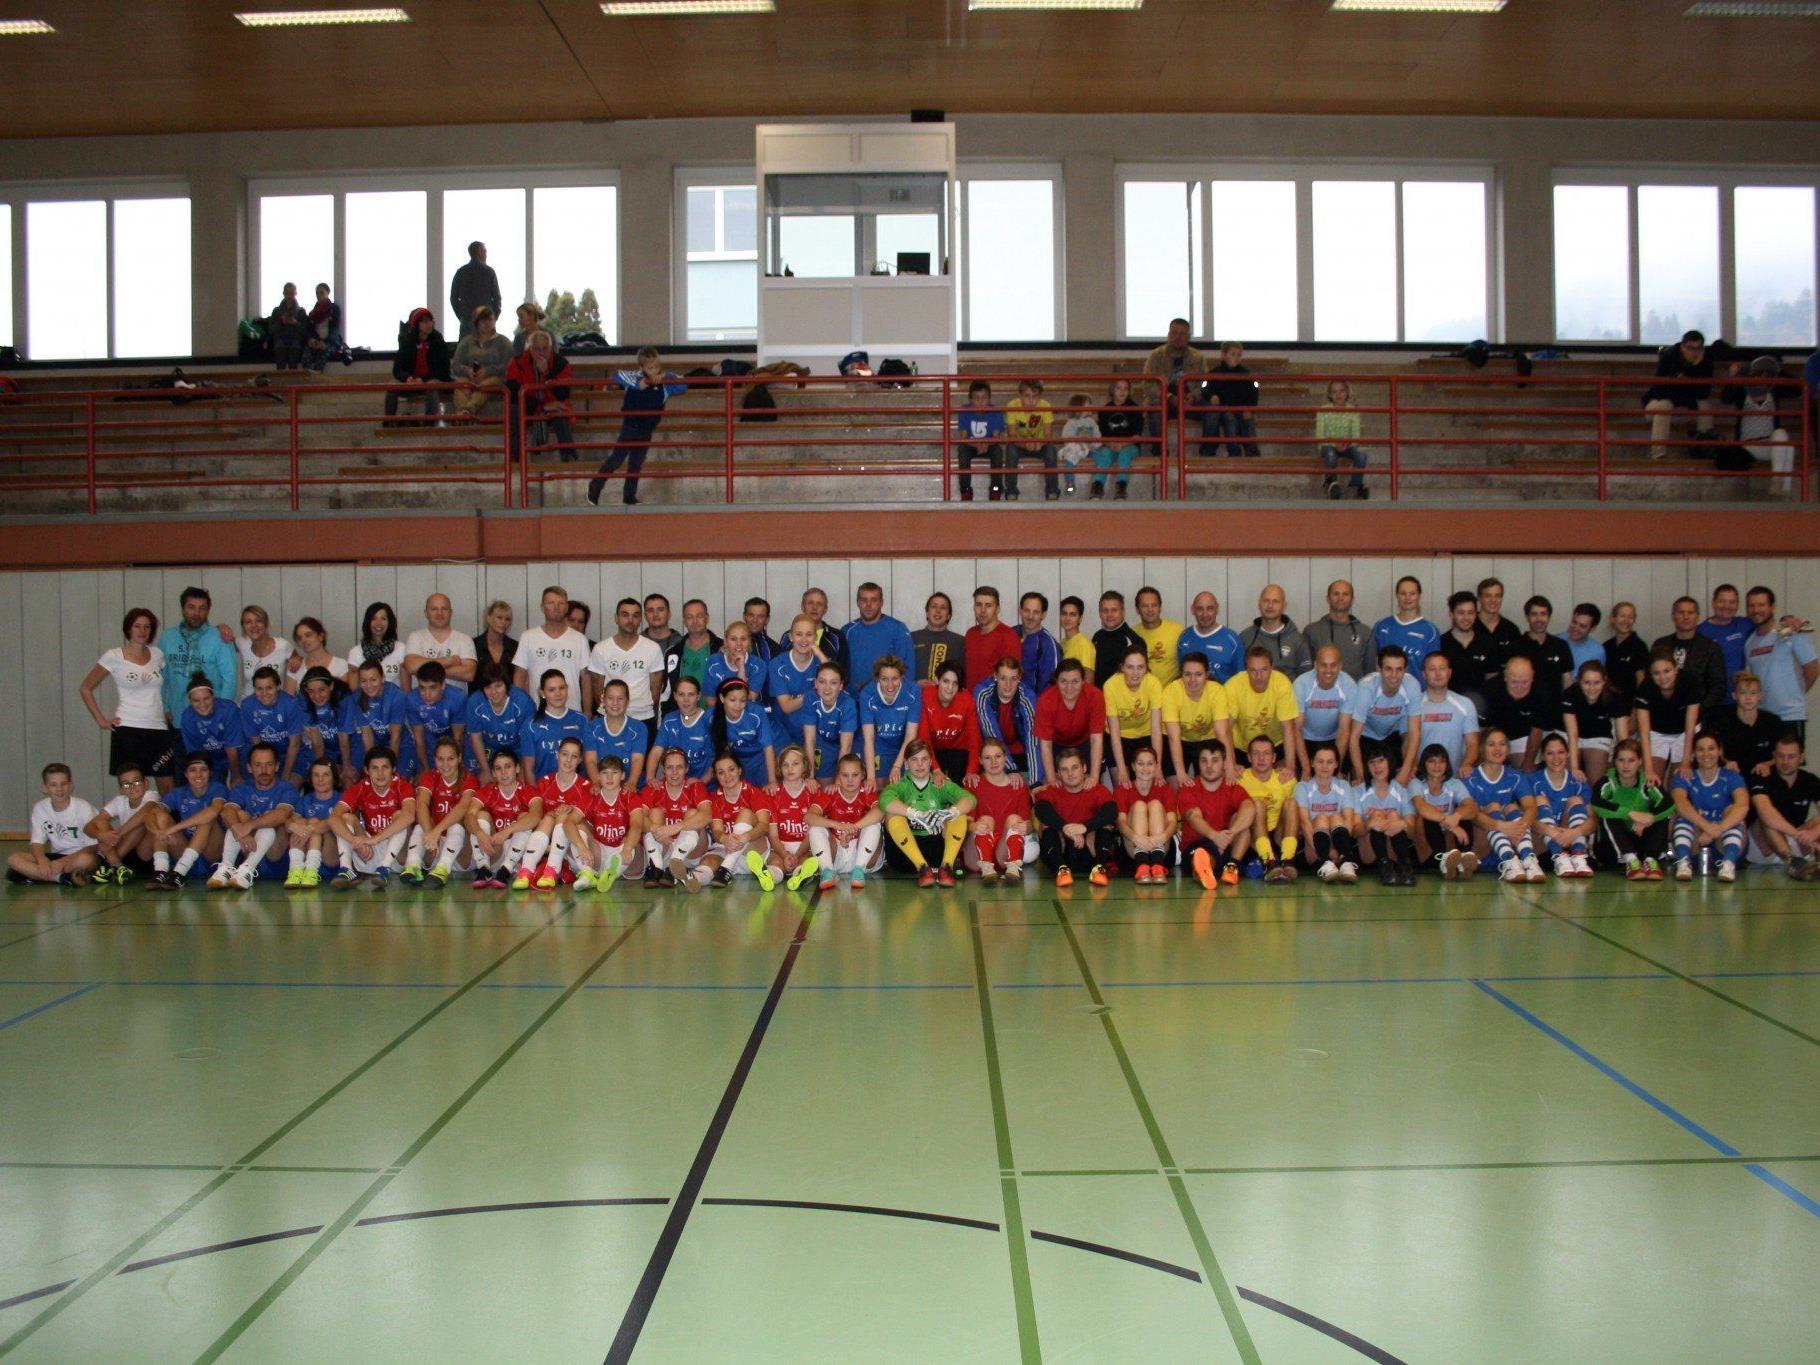 """Fußballspieler, Fans, Sponsoren und Helfer machten auch das """"Turnier des Herzens 2013"""" zu einem großartigen Erfolg."""